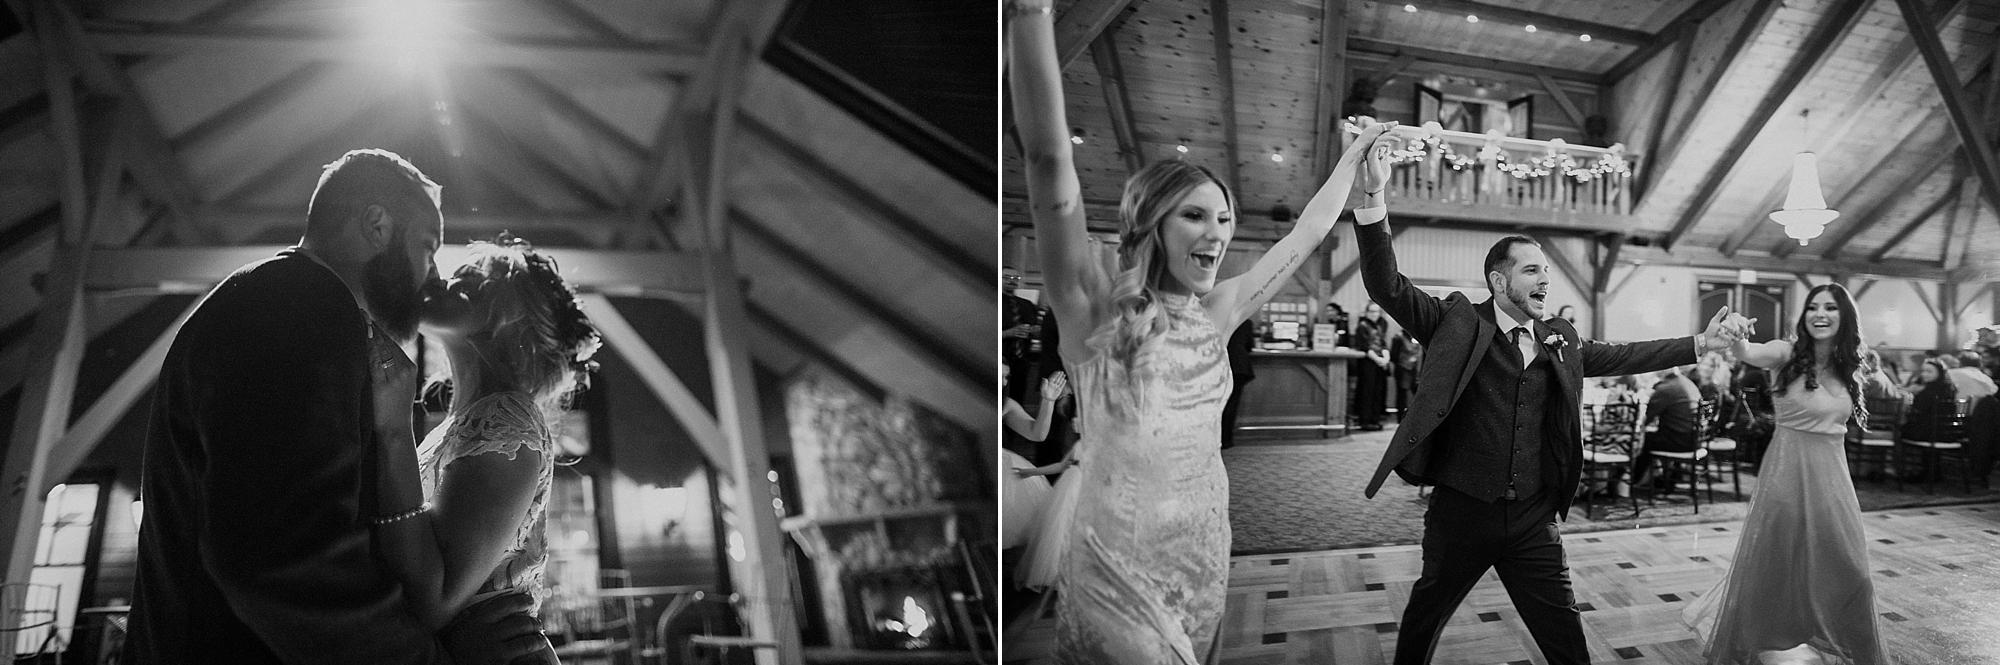 Tweaksbury-country-clup-wedding-71.jpg